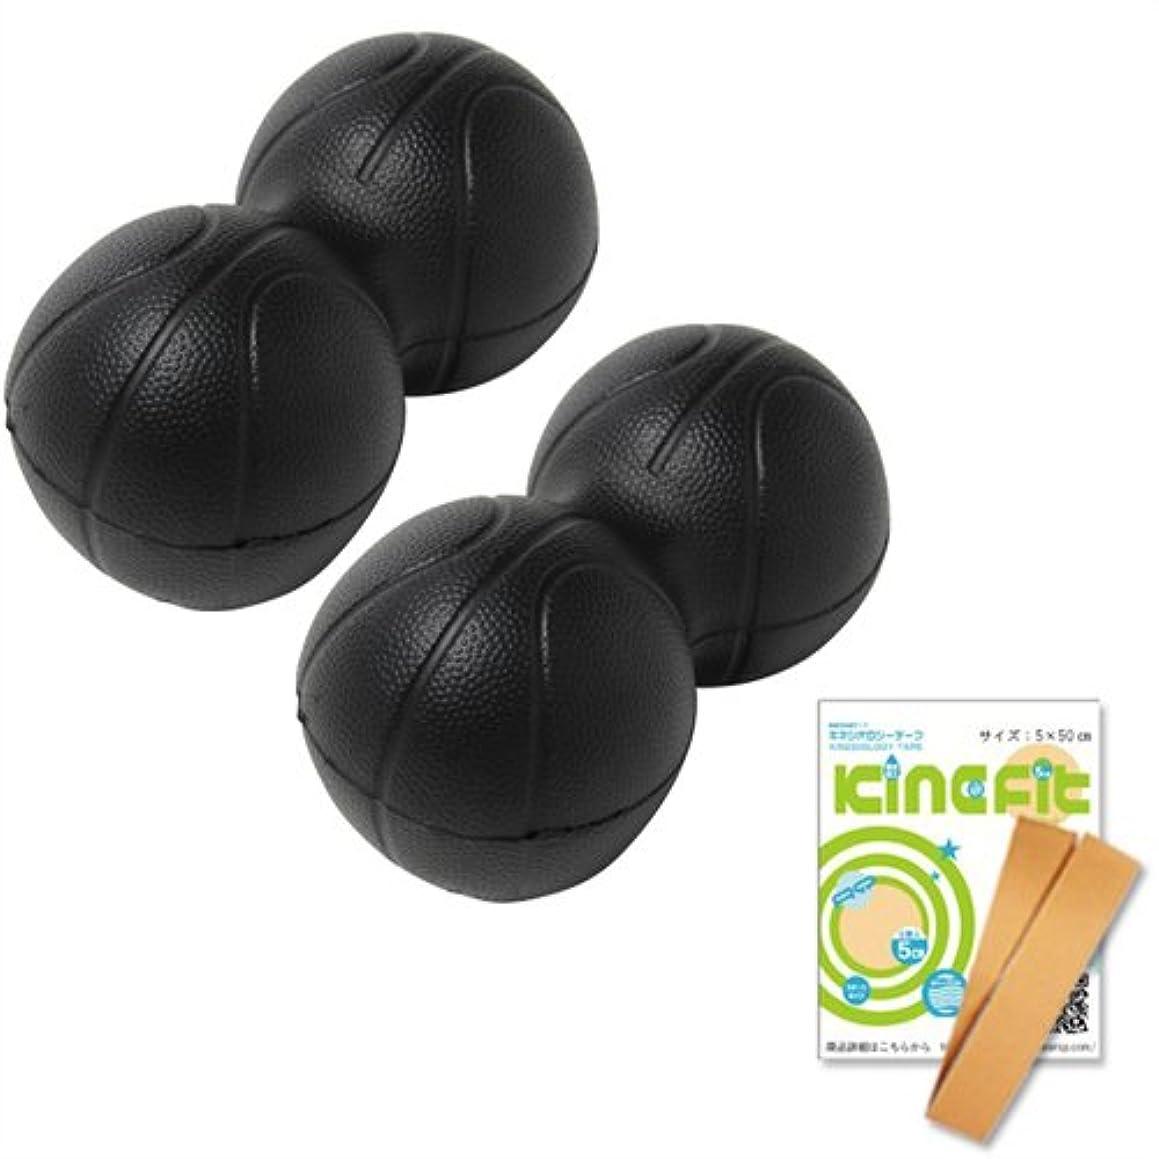 ブロースリップシューズ休憩パワーポジションボール ×2個セット + キネシオロジーテープ キネフィットお試し用50cm セット